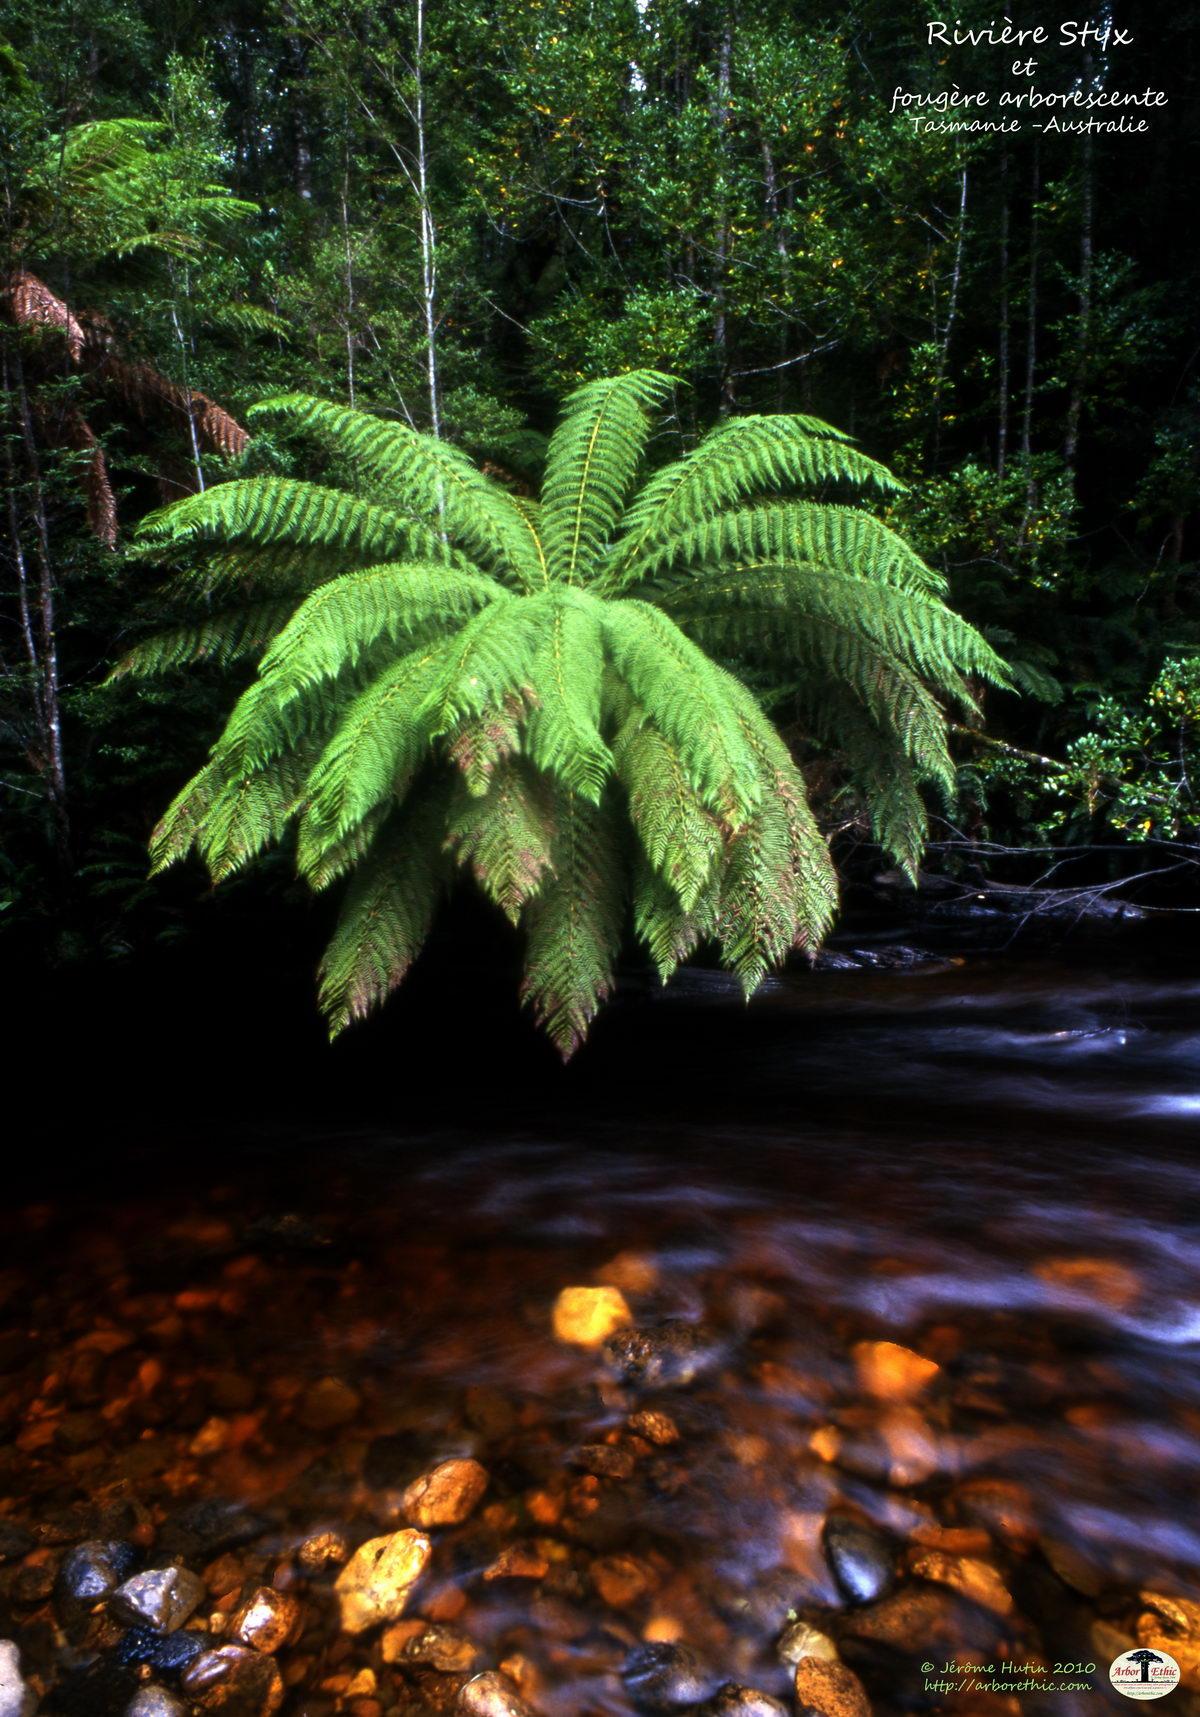 Rivière Styx et fougère arborescente, Tasmanie